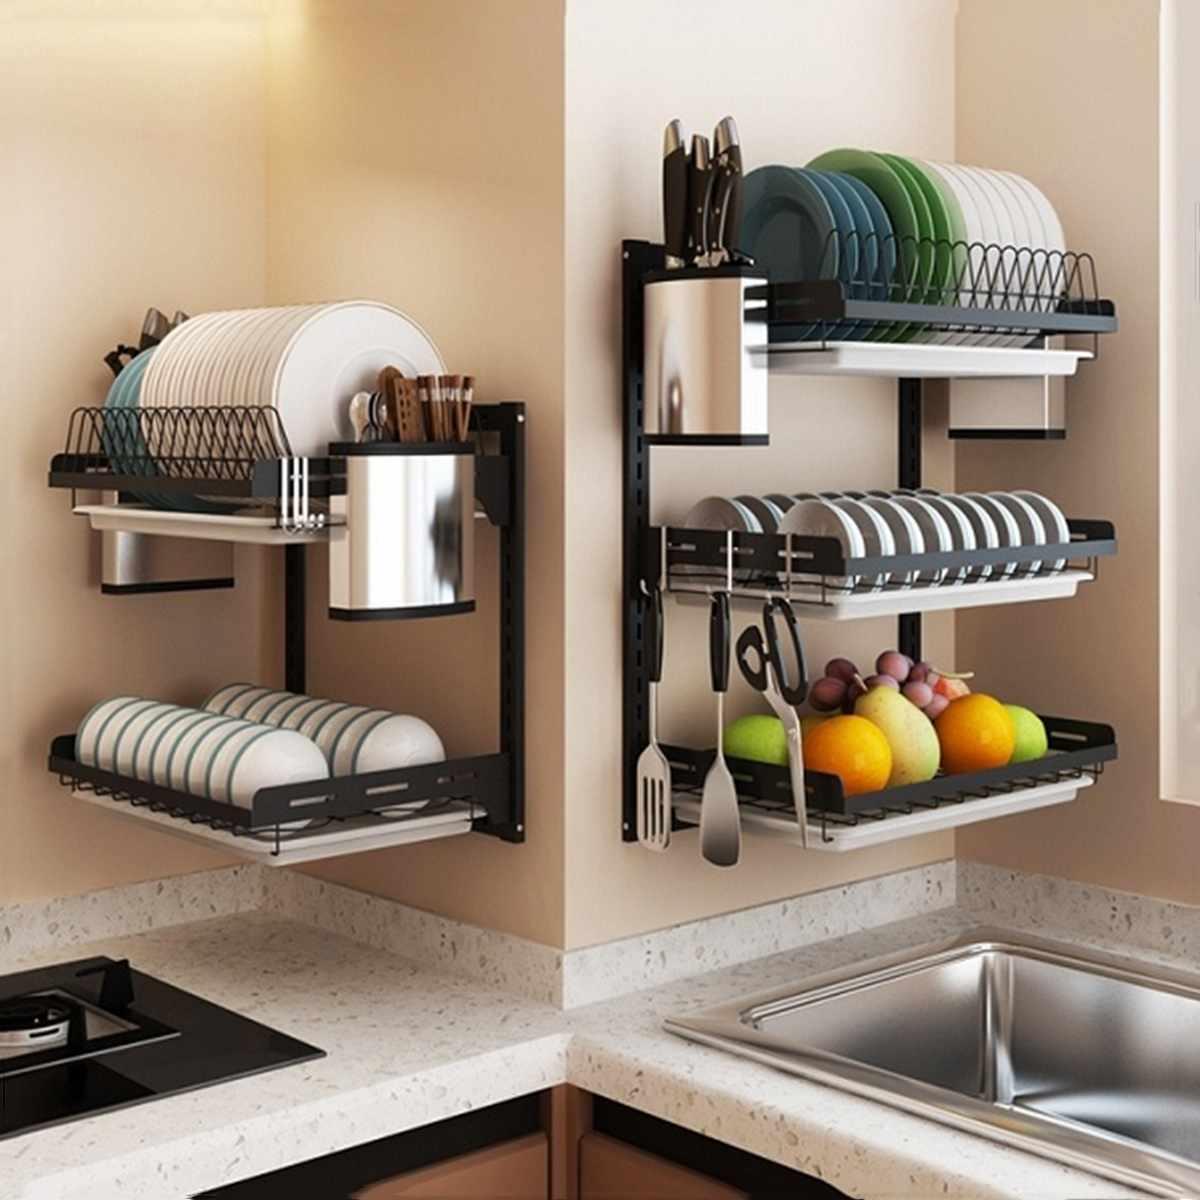 304 acier inoxydable cuisine égouttoir plat couverts tasse égouttoir à vaisselle support de séchage mural cuisine organisateur support de stockage